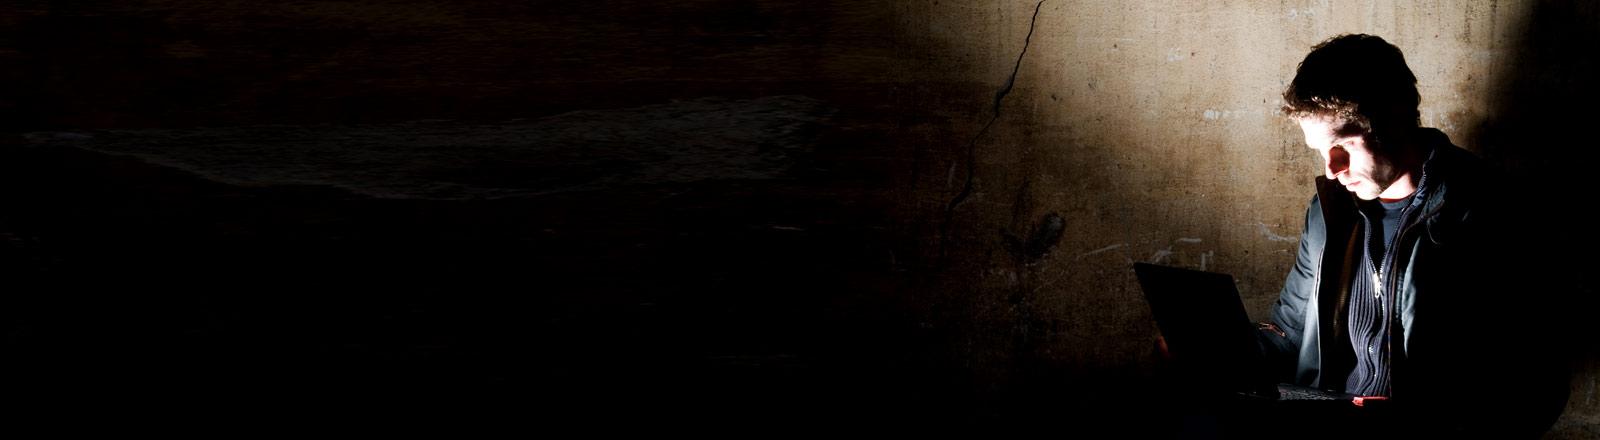 Ein Mann im dunklen Raum vor einem Notebook.